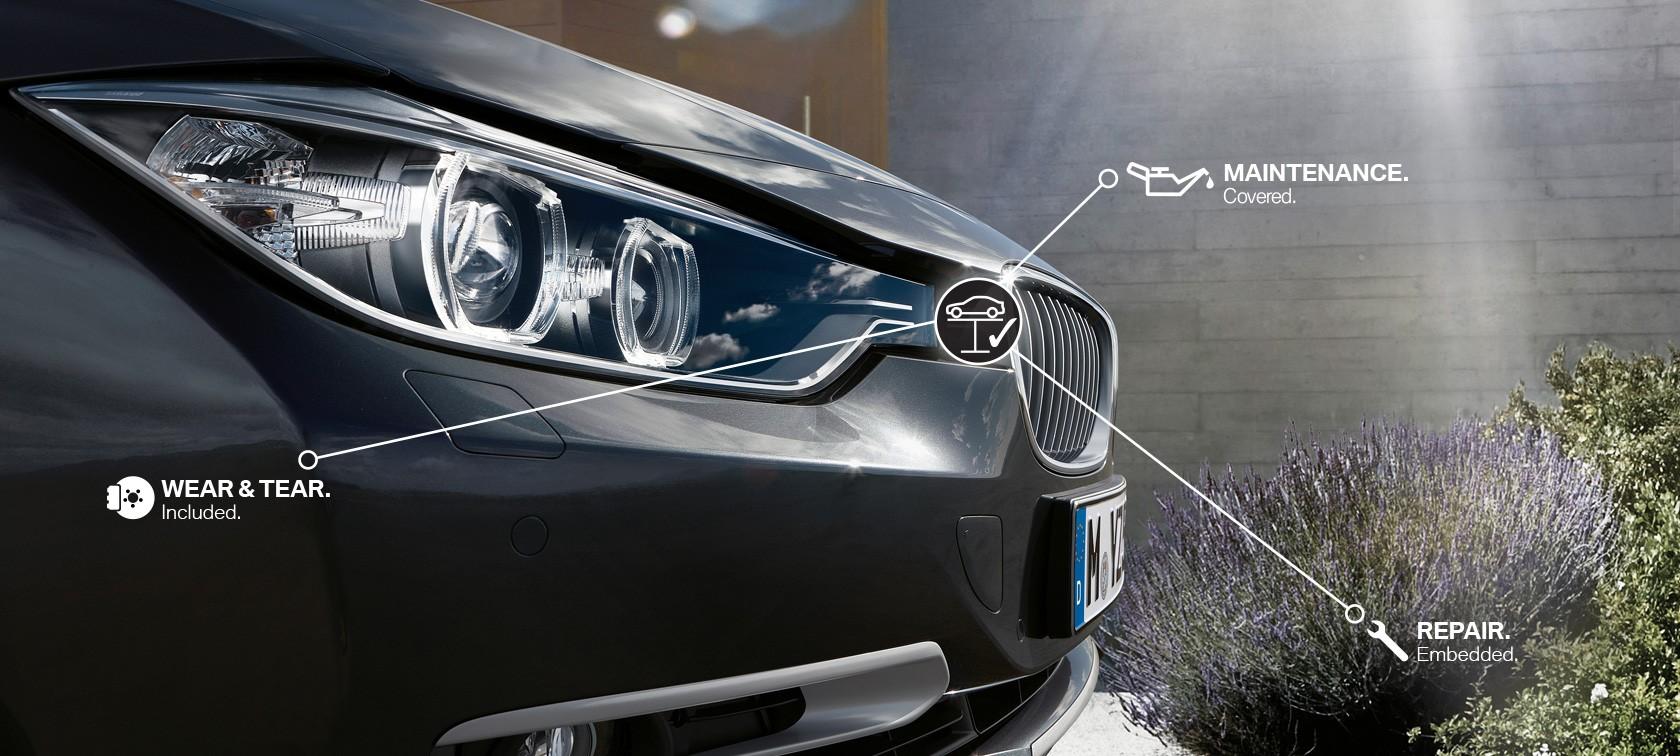 BMW Huolenpitosopimus Delta Bavariasta pitää huolta autosta ja asiakkaasta